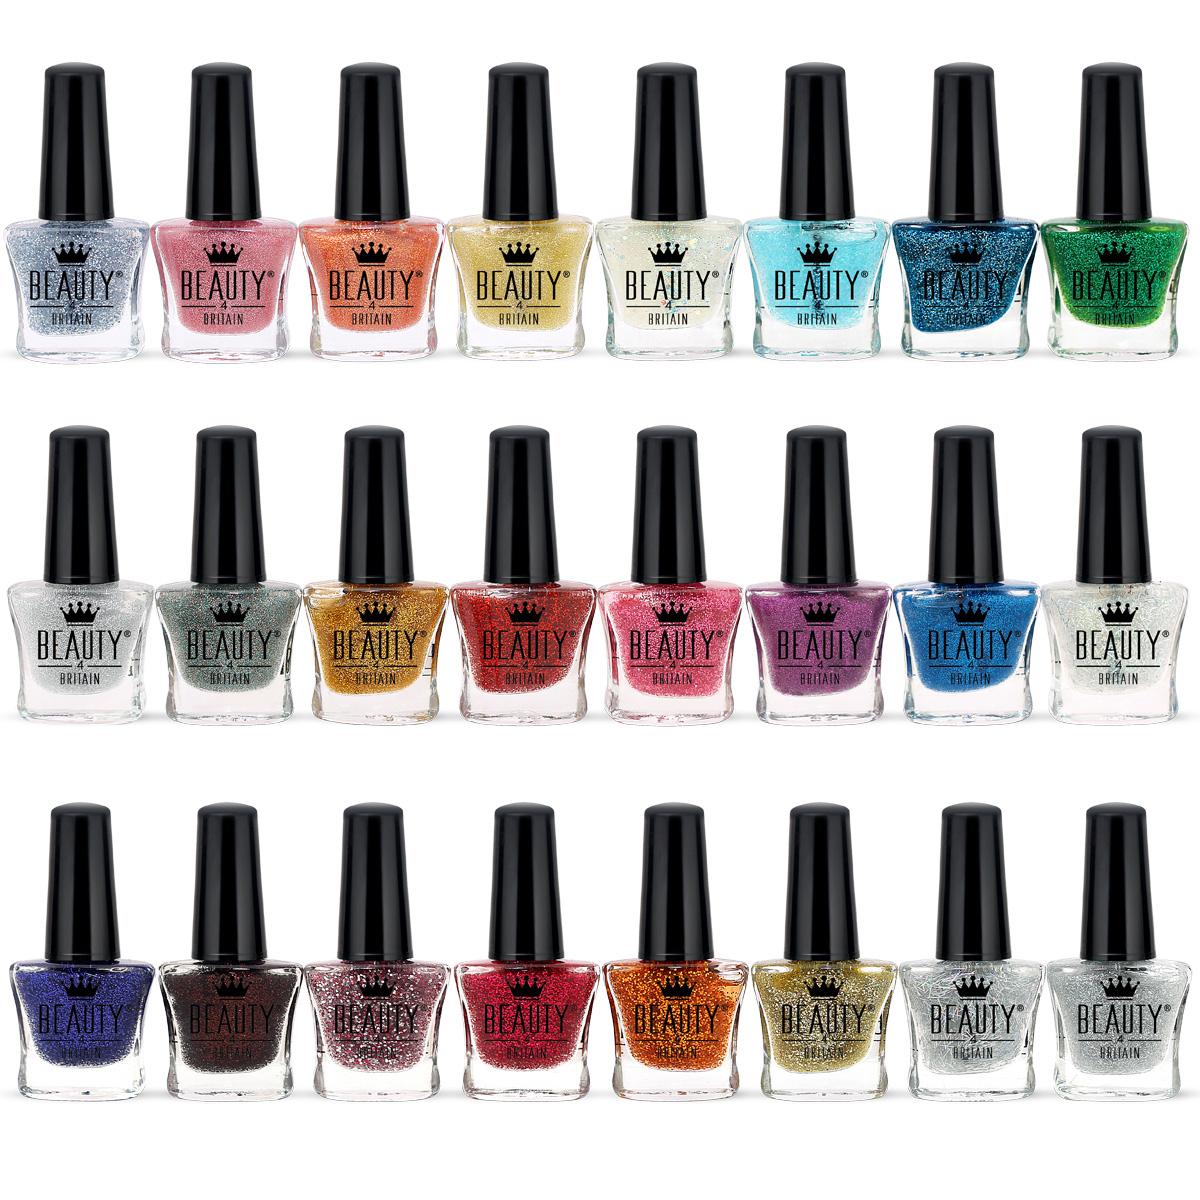 lot de 48 paillettes de vernis ongles 24 couleurs vives et modernes ebay. Black Bedroom Furniture Sets. Home Design Ideas